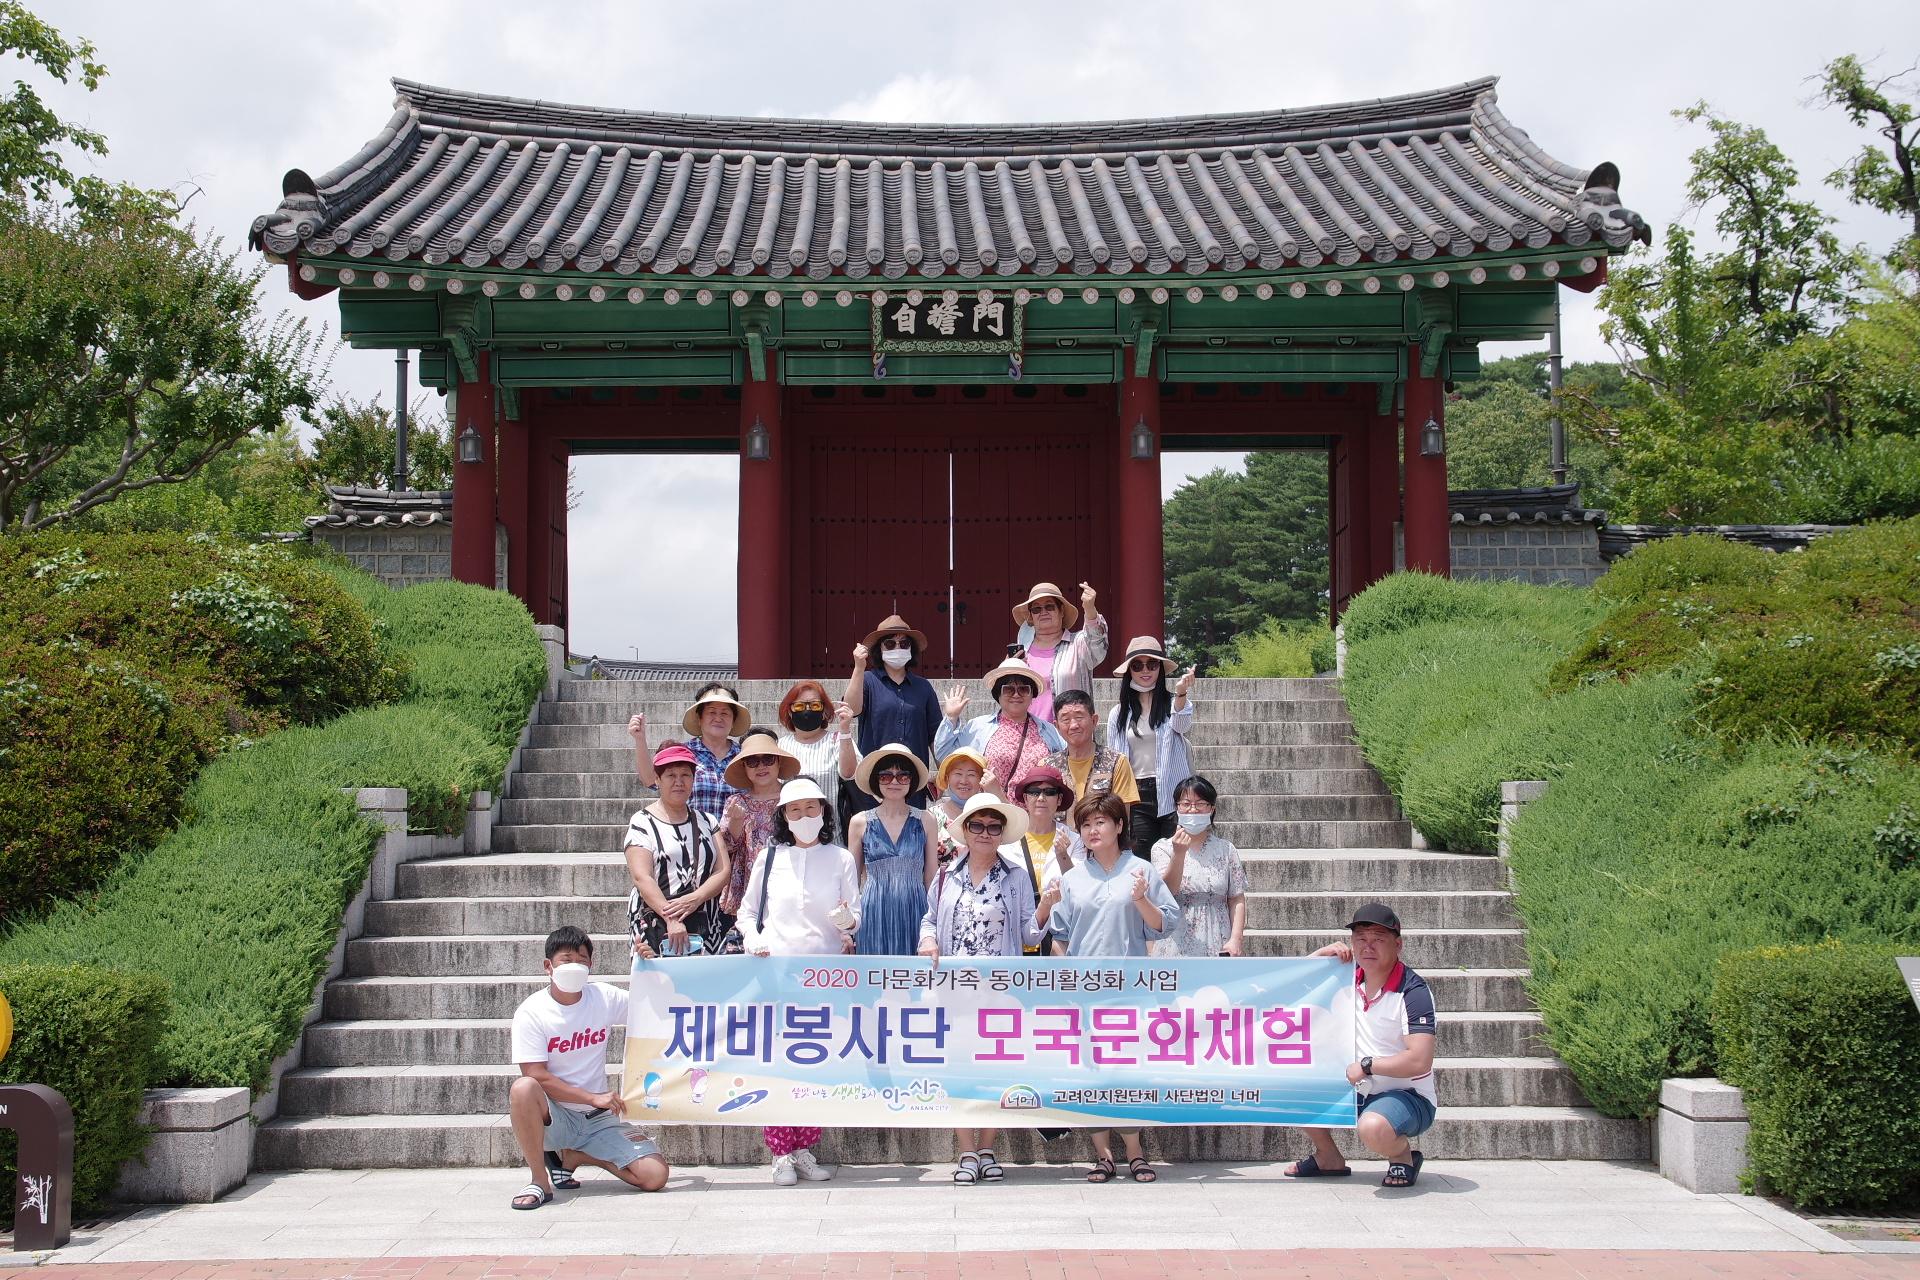 제비봉사단202007강릉 (9).JPG